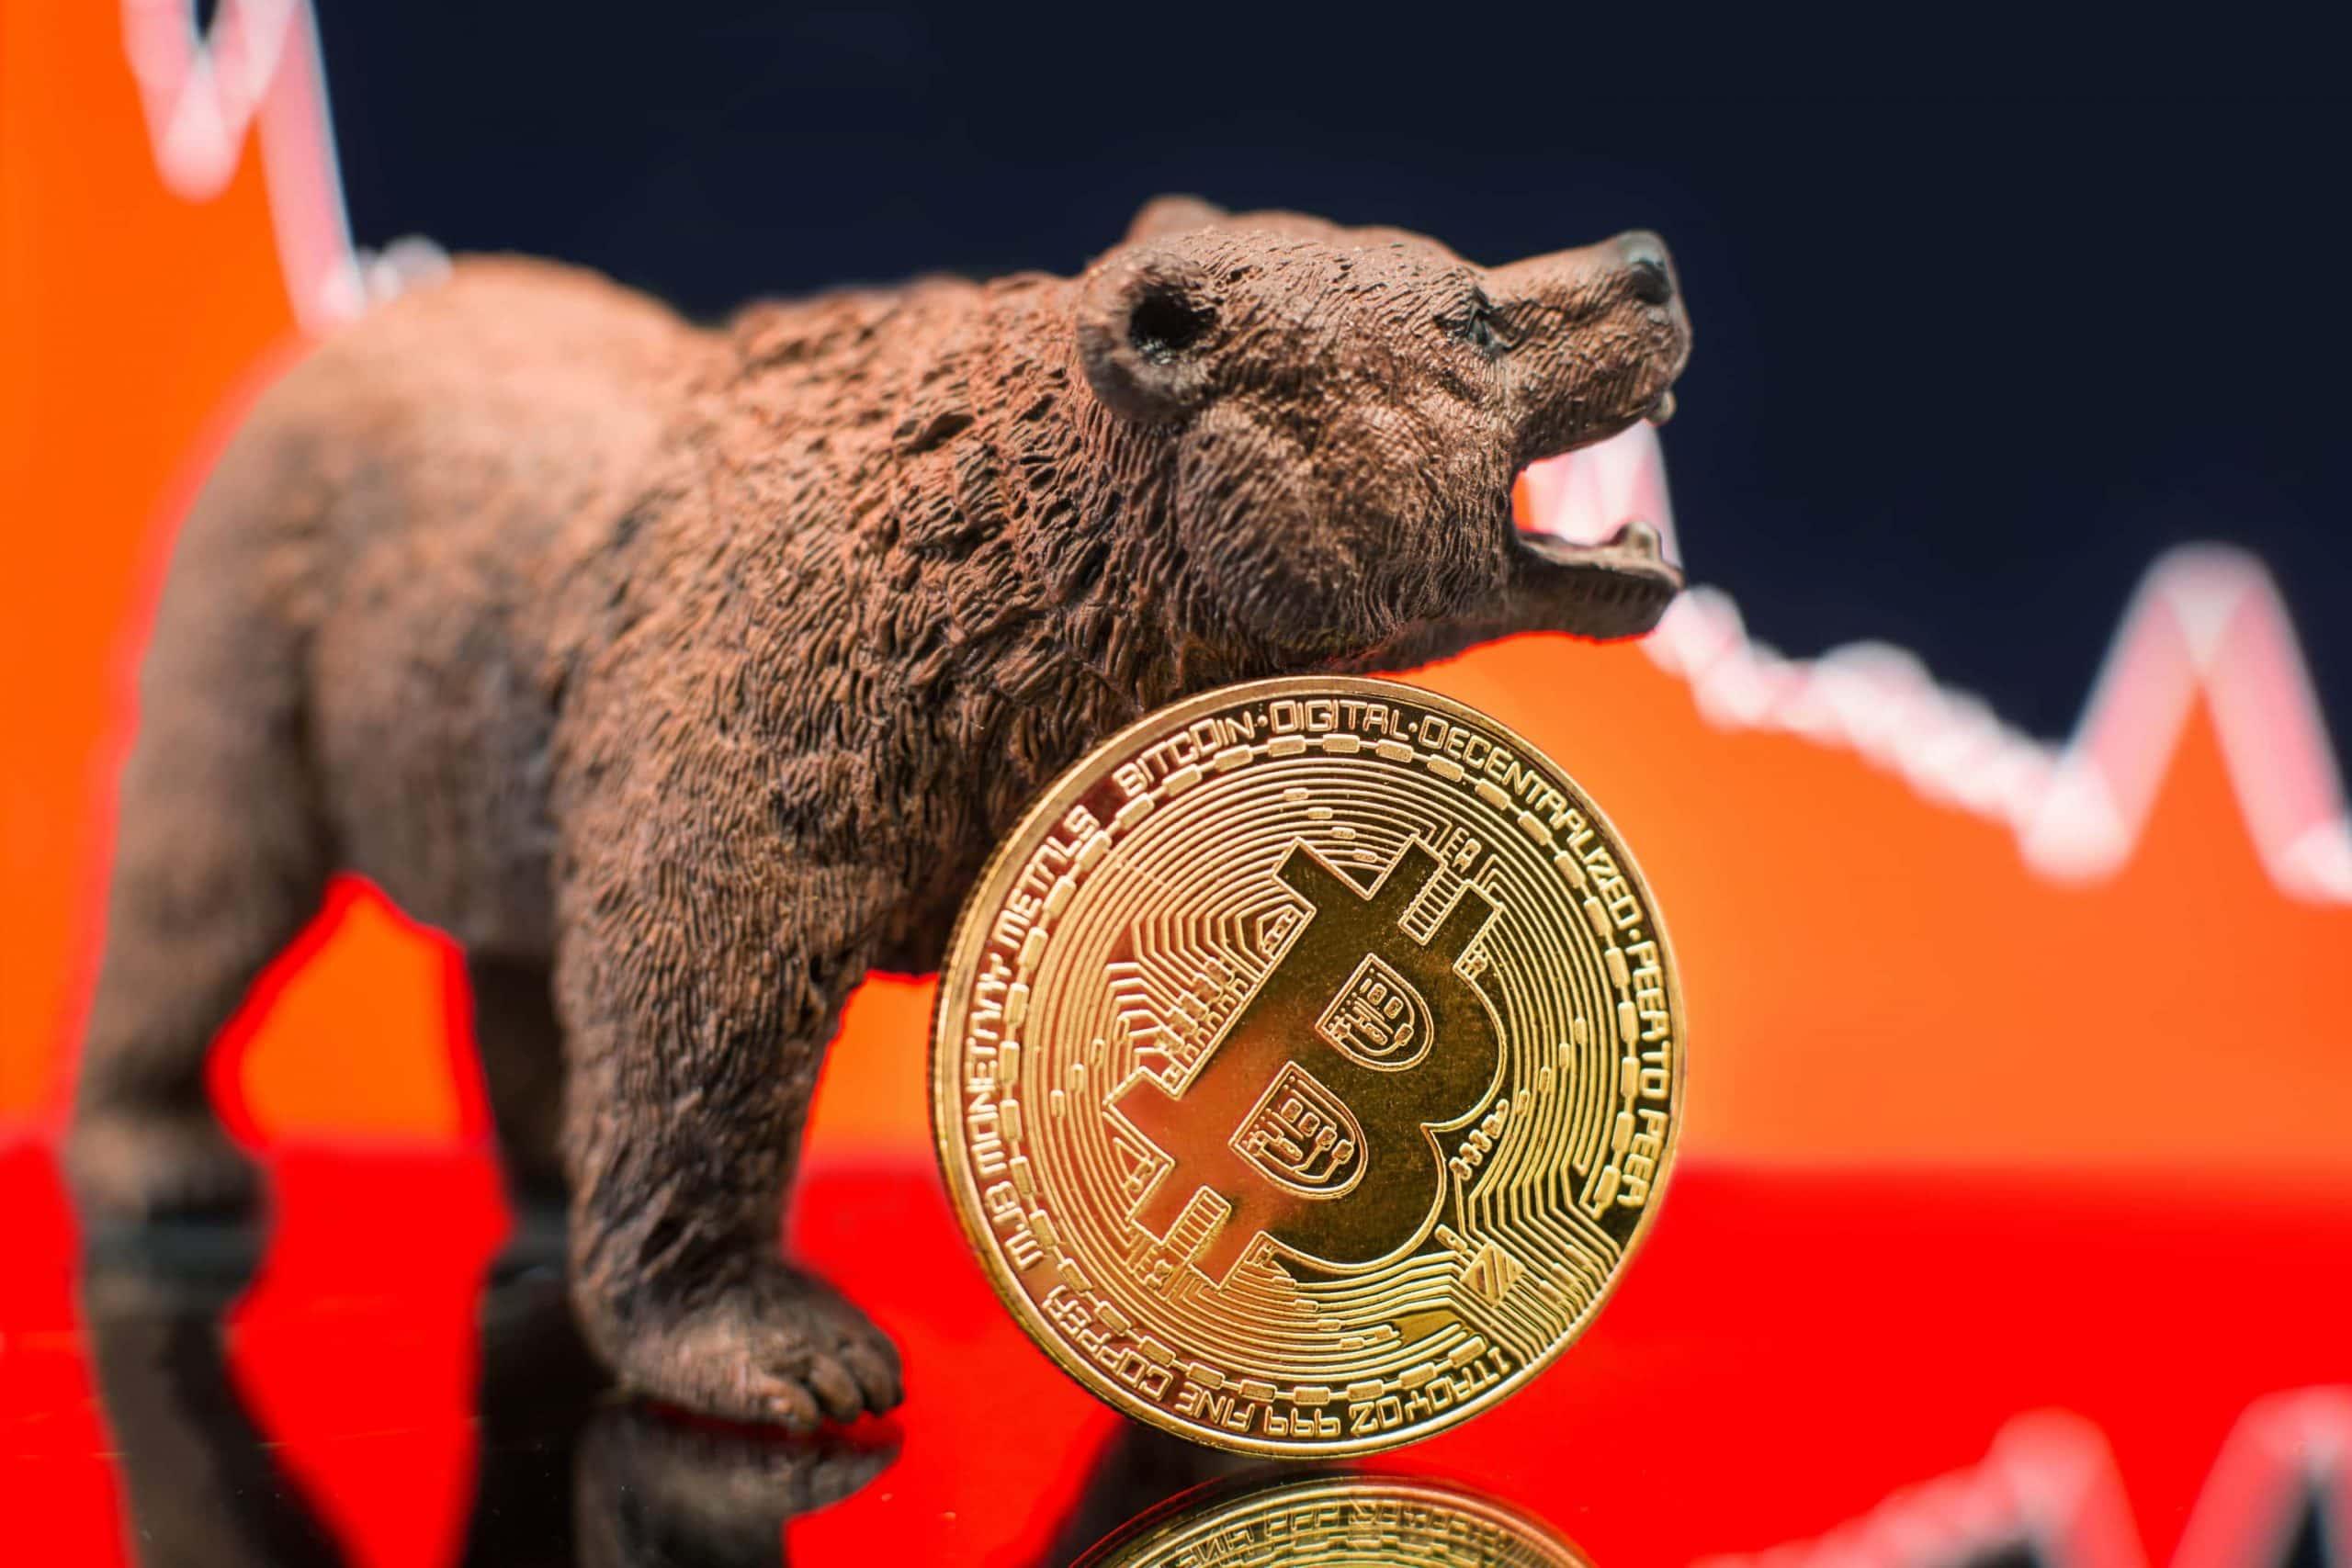 Bär und Bitcoin-Münze vor einem Chart